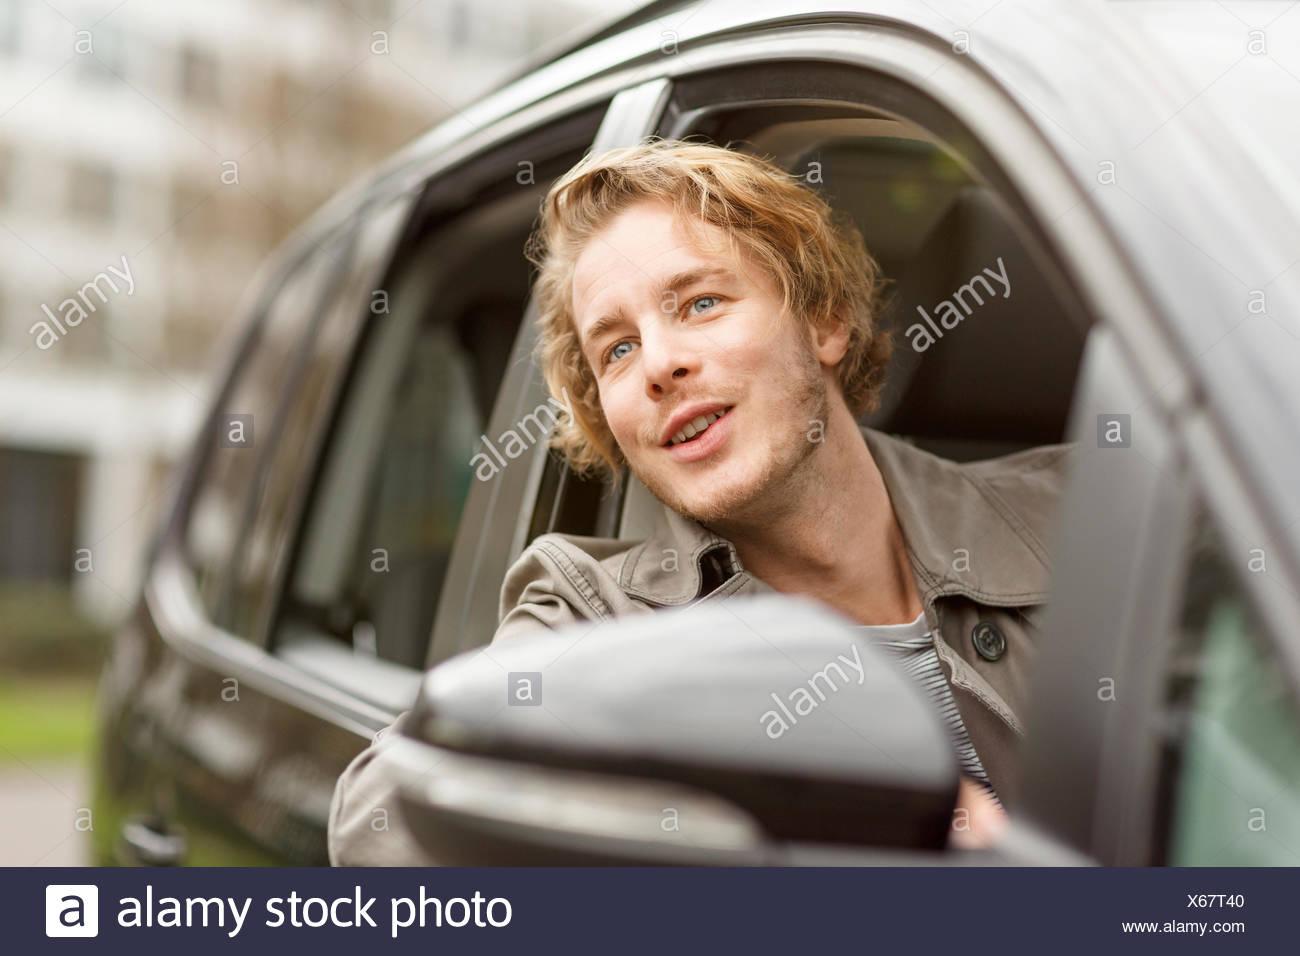 Retrato del joven sonriente de asomarse a la ventana de coche viendo algo Imagen De Stock